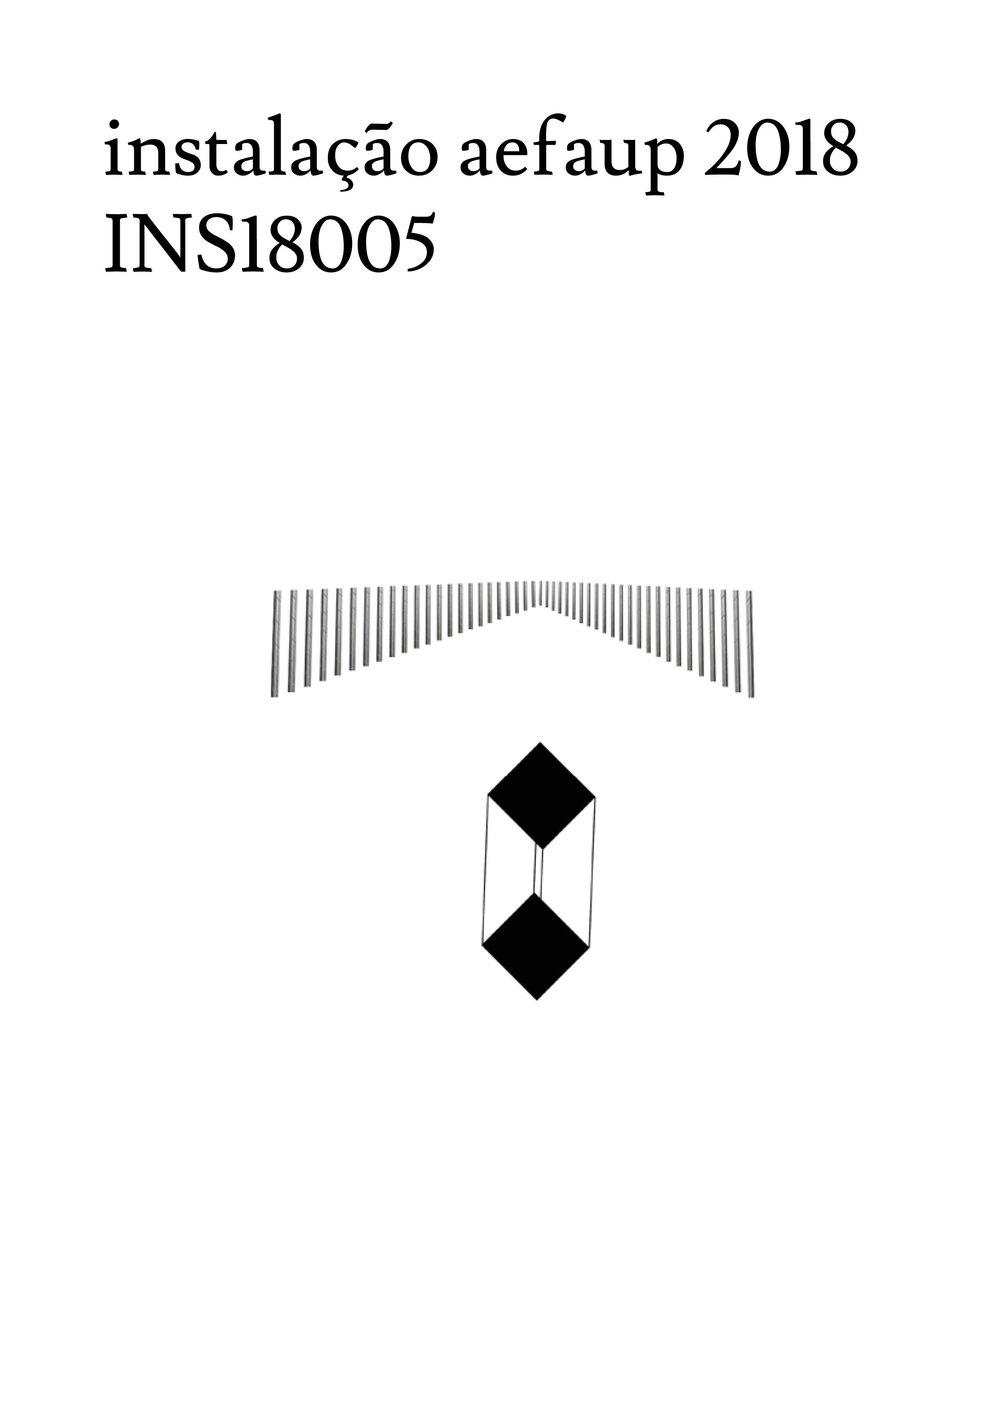 INS18005 - MENÇÃO HONROSA